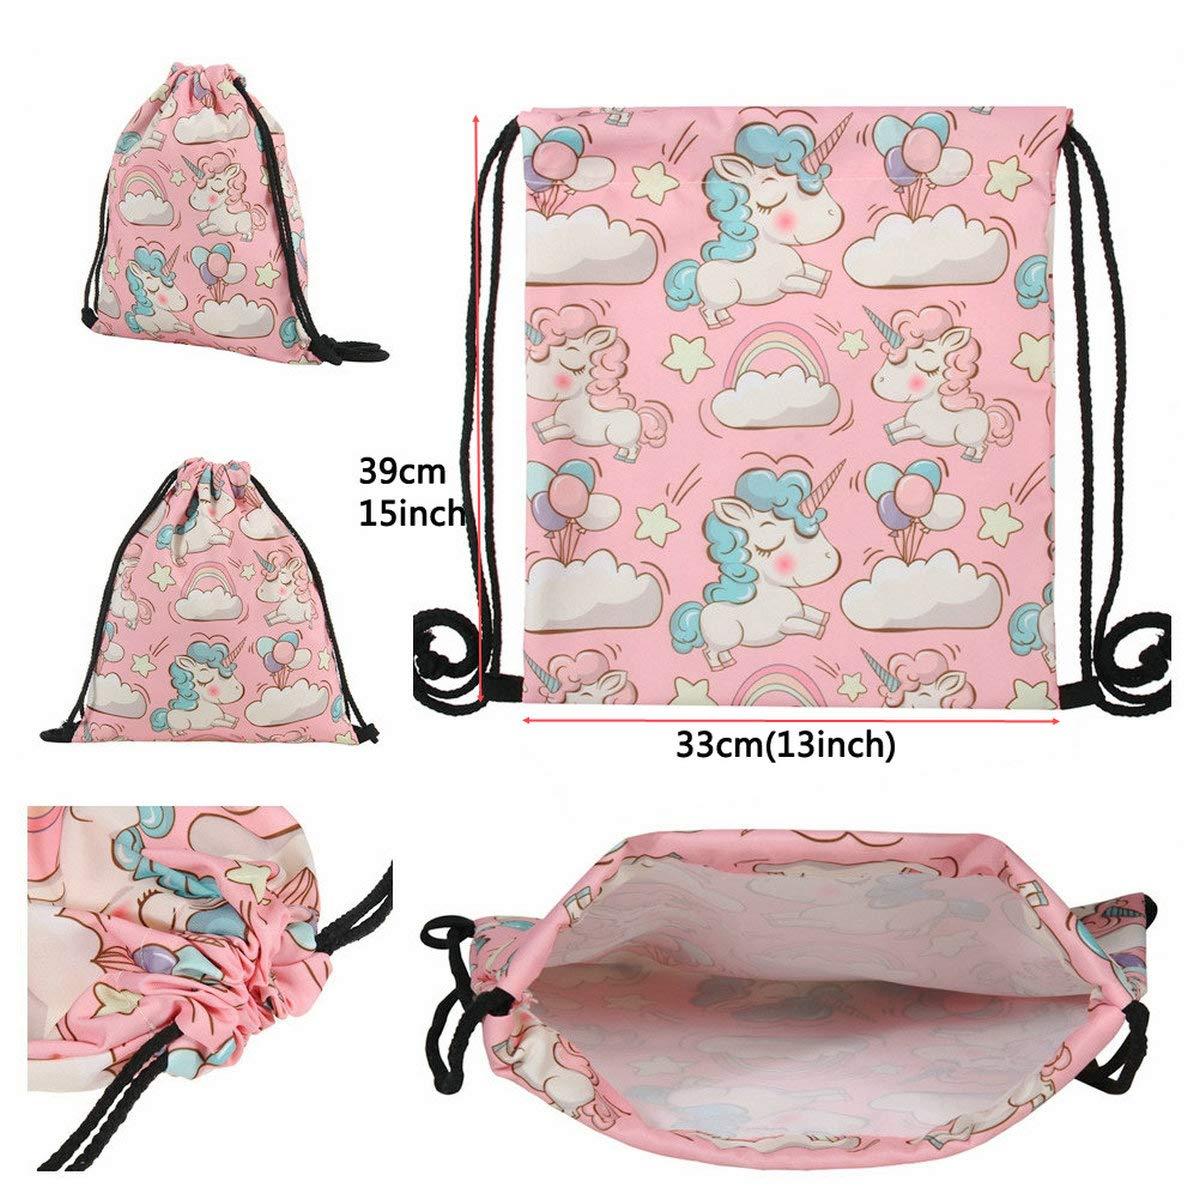 Cadeaux anniversaire licorne sac /à cordon rose porte-monnaie sac de maquillage sac collier bracelet accessoires cheveux sac charmes et tatouages temporaires